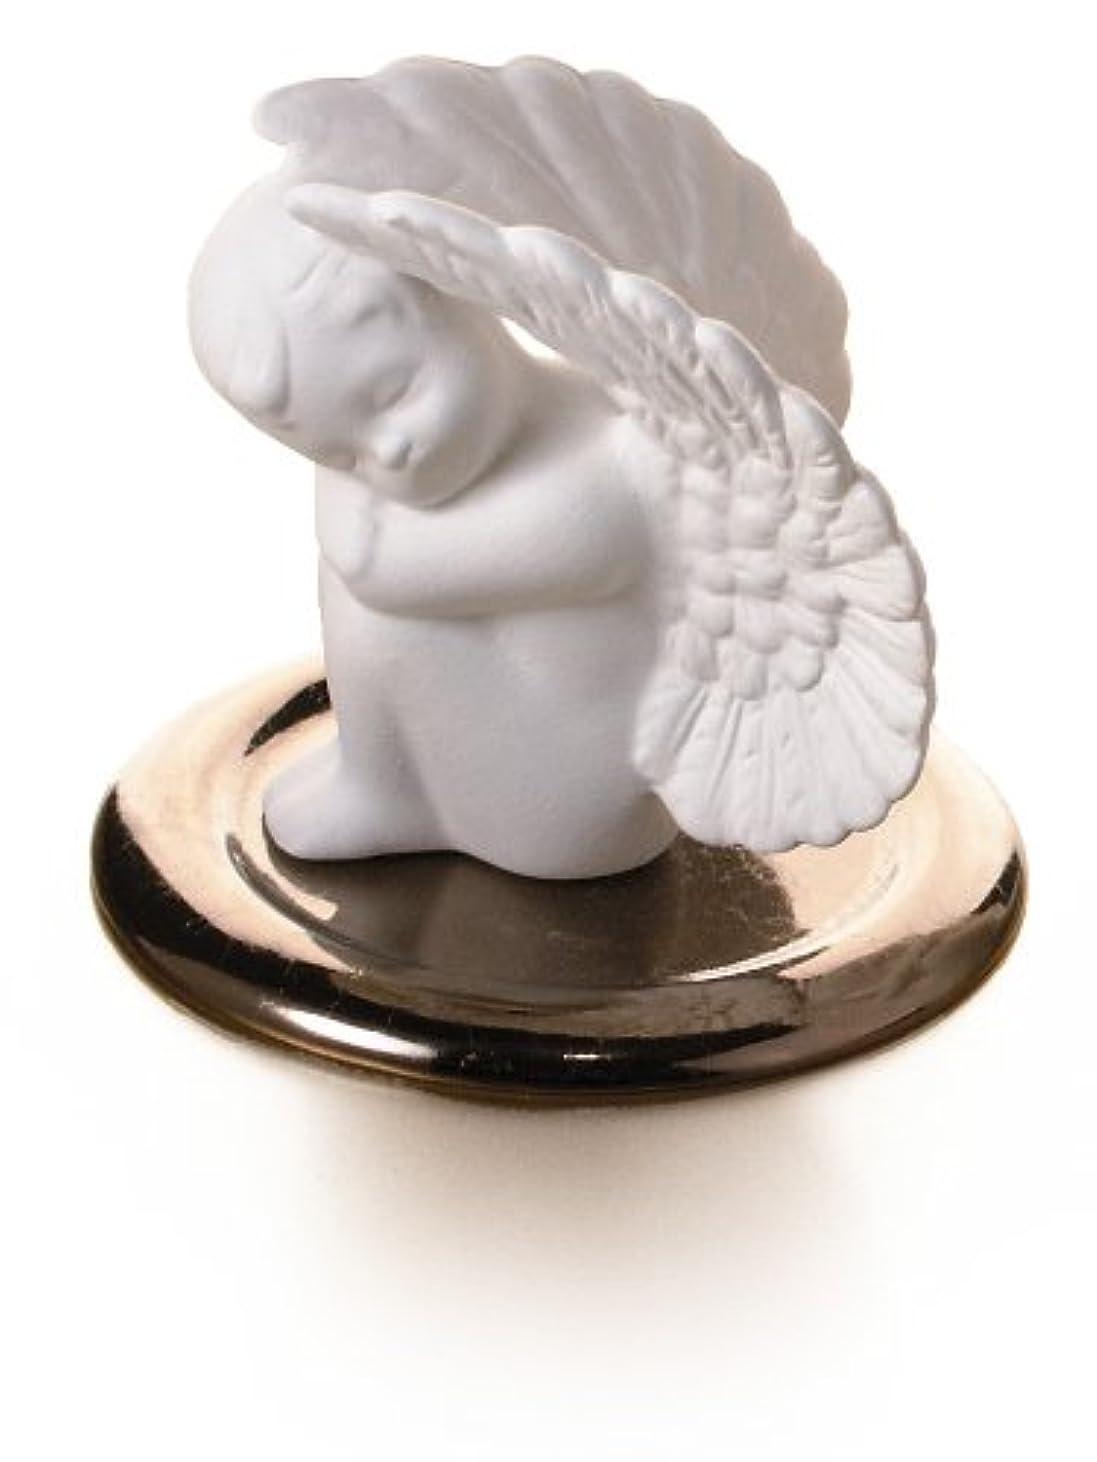 一部援助する漏斗ポマンダー■ 守護天使(皿付き)